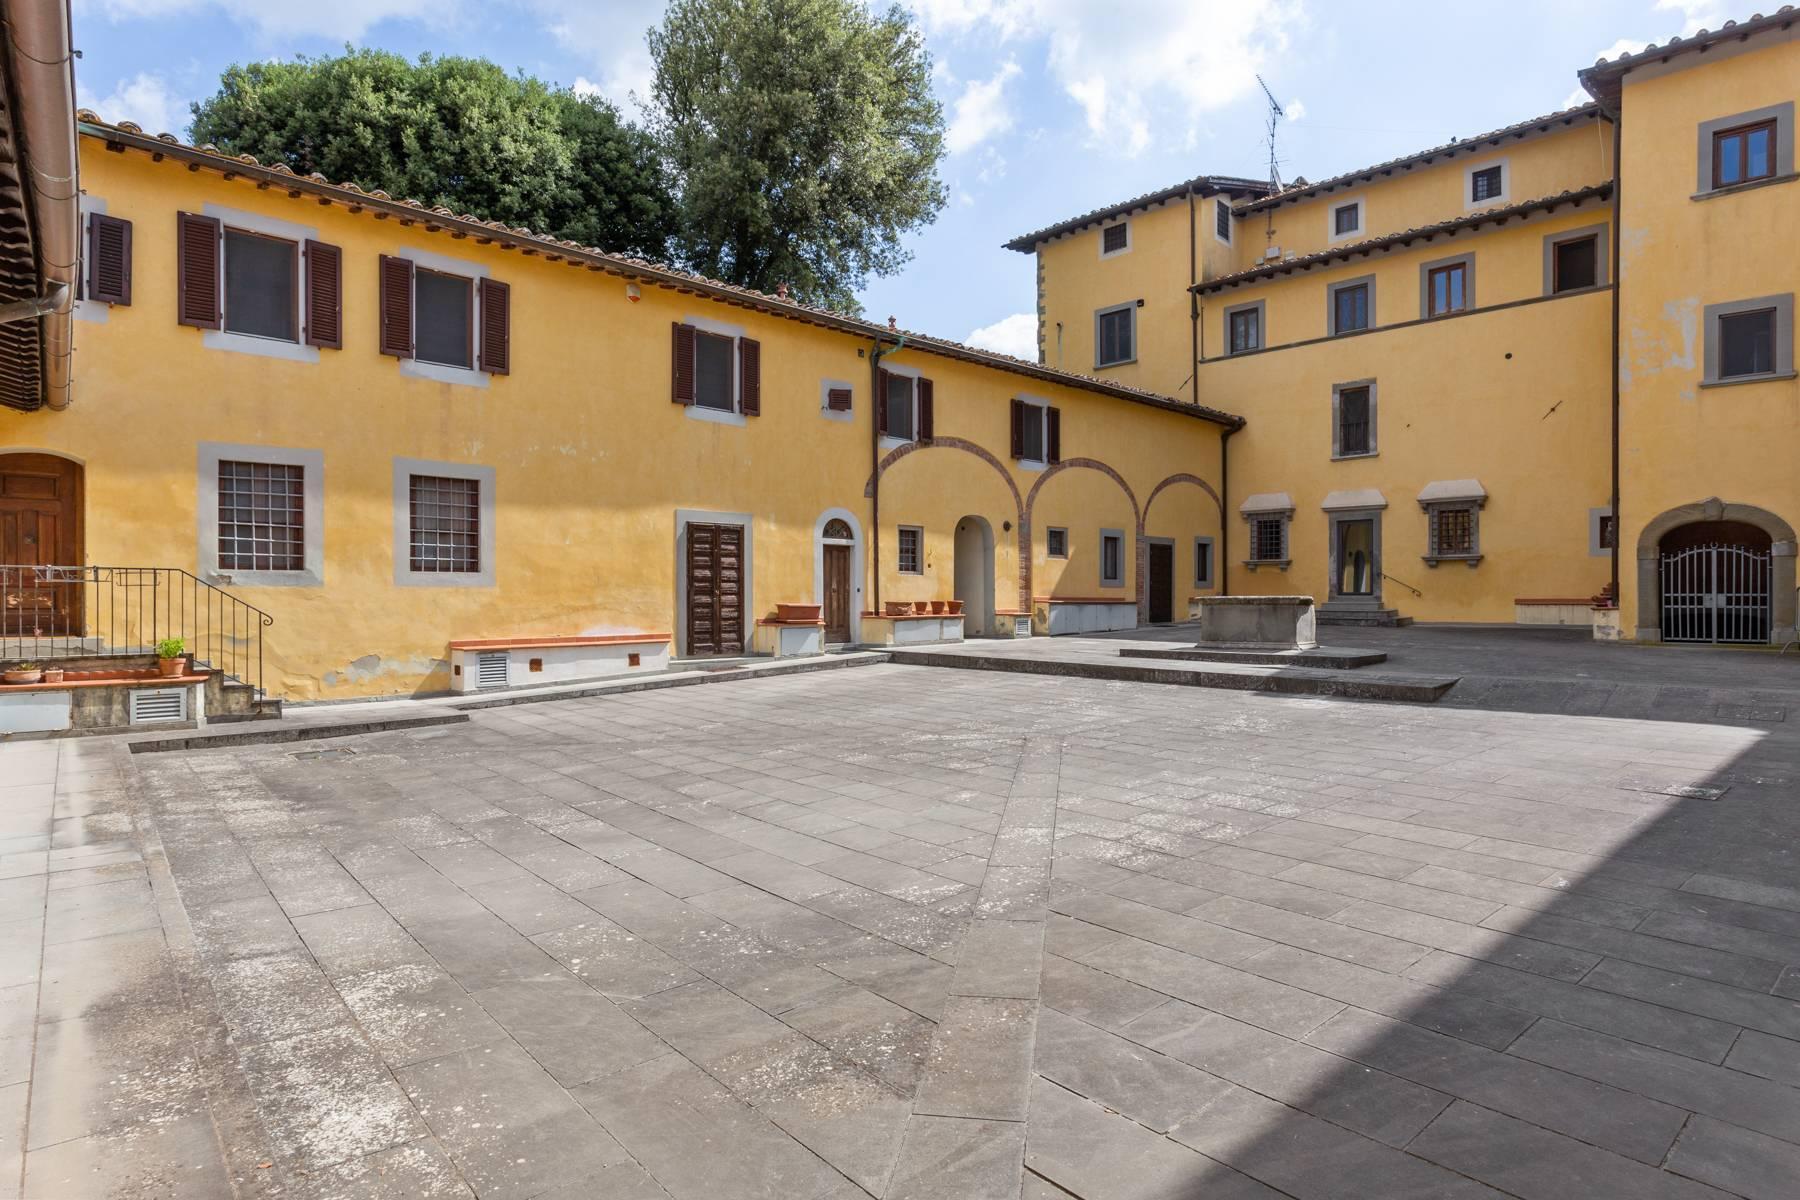 Magnifique appartement dans villa historique du XVI siècle avec jardin - 21